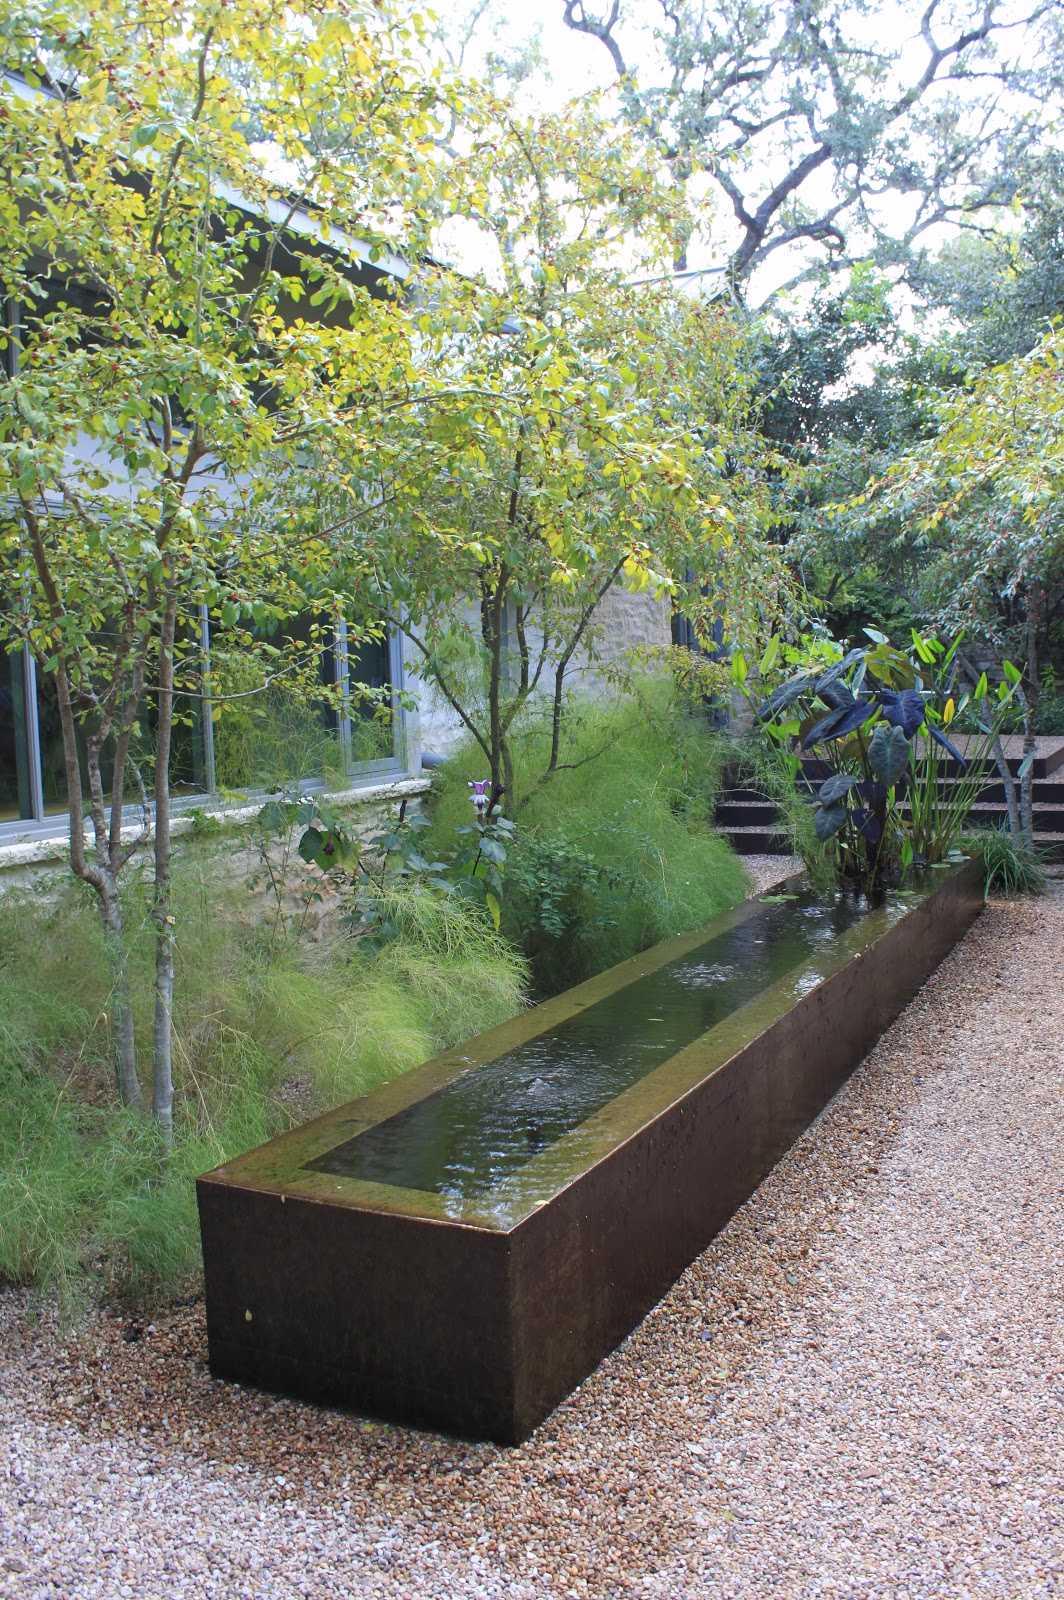 改造后的雨水花园庭院 Rain Garden By Ten Eyck Landscape Architects